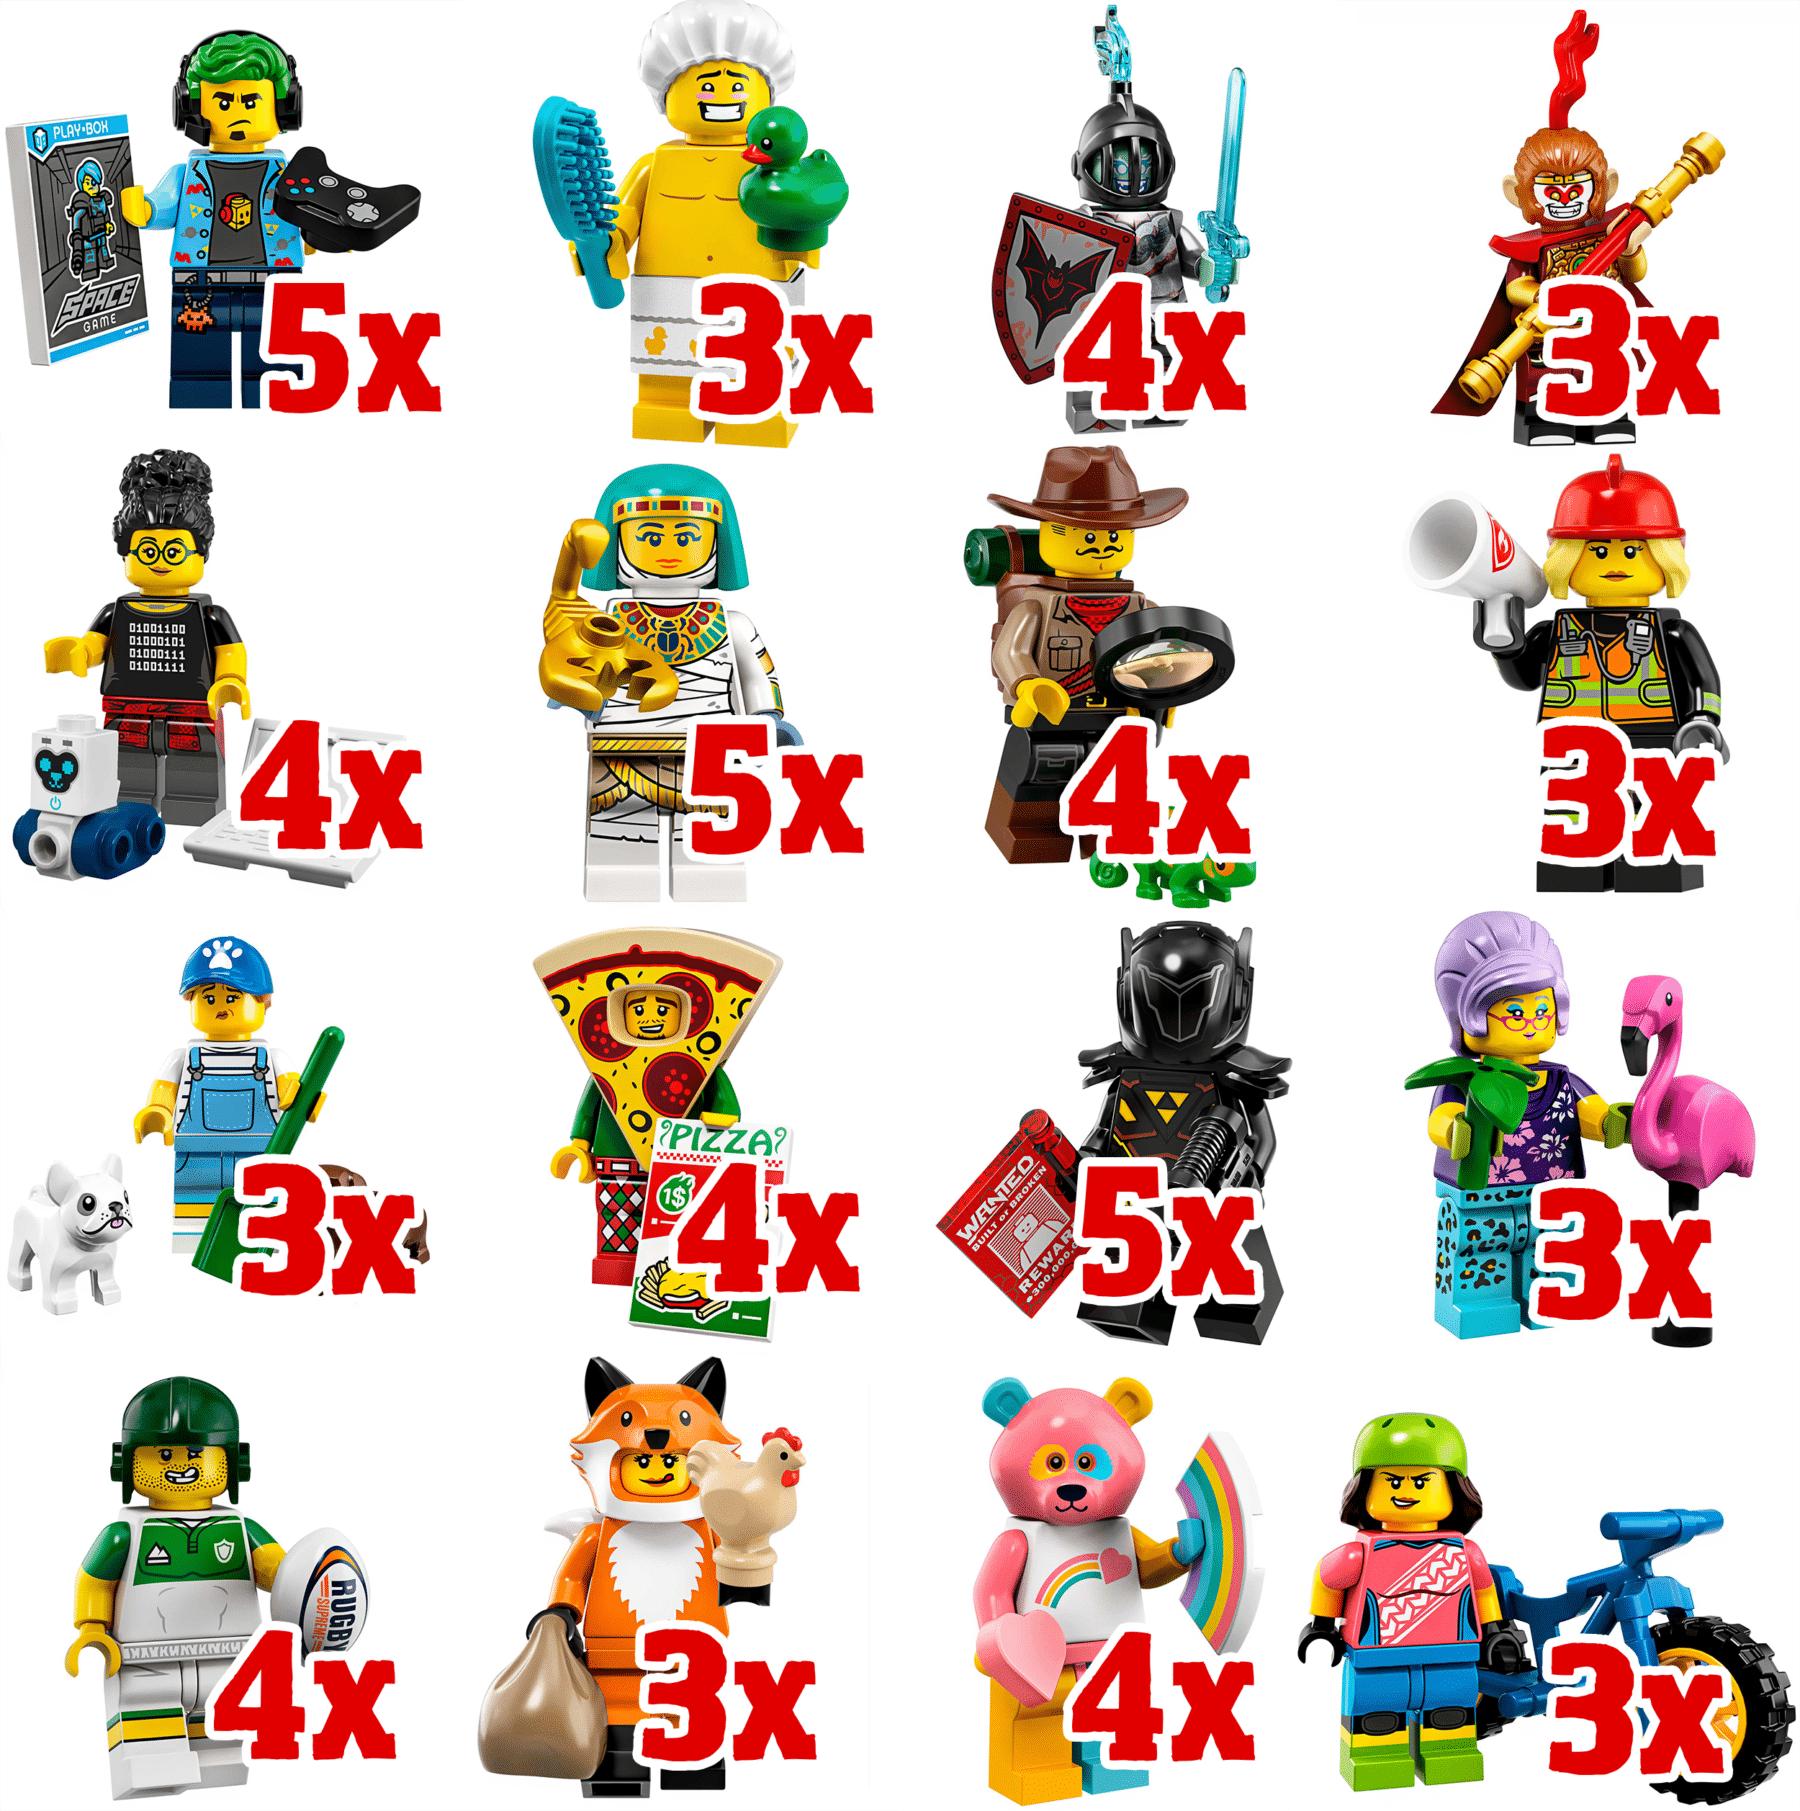 LEGO 71025 Verteilung Box